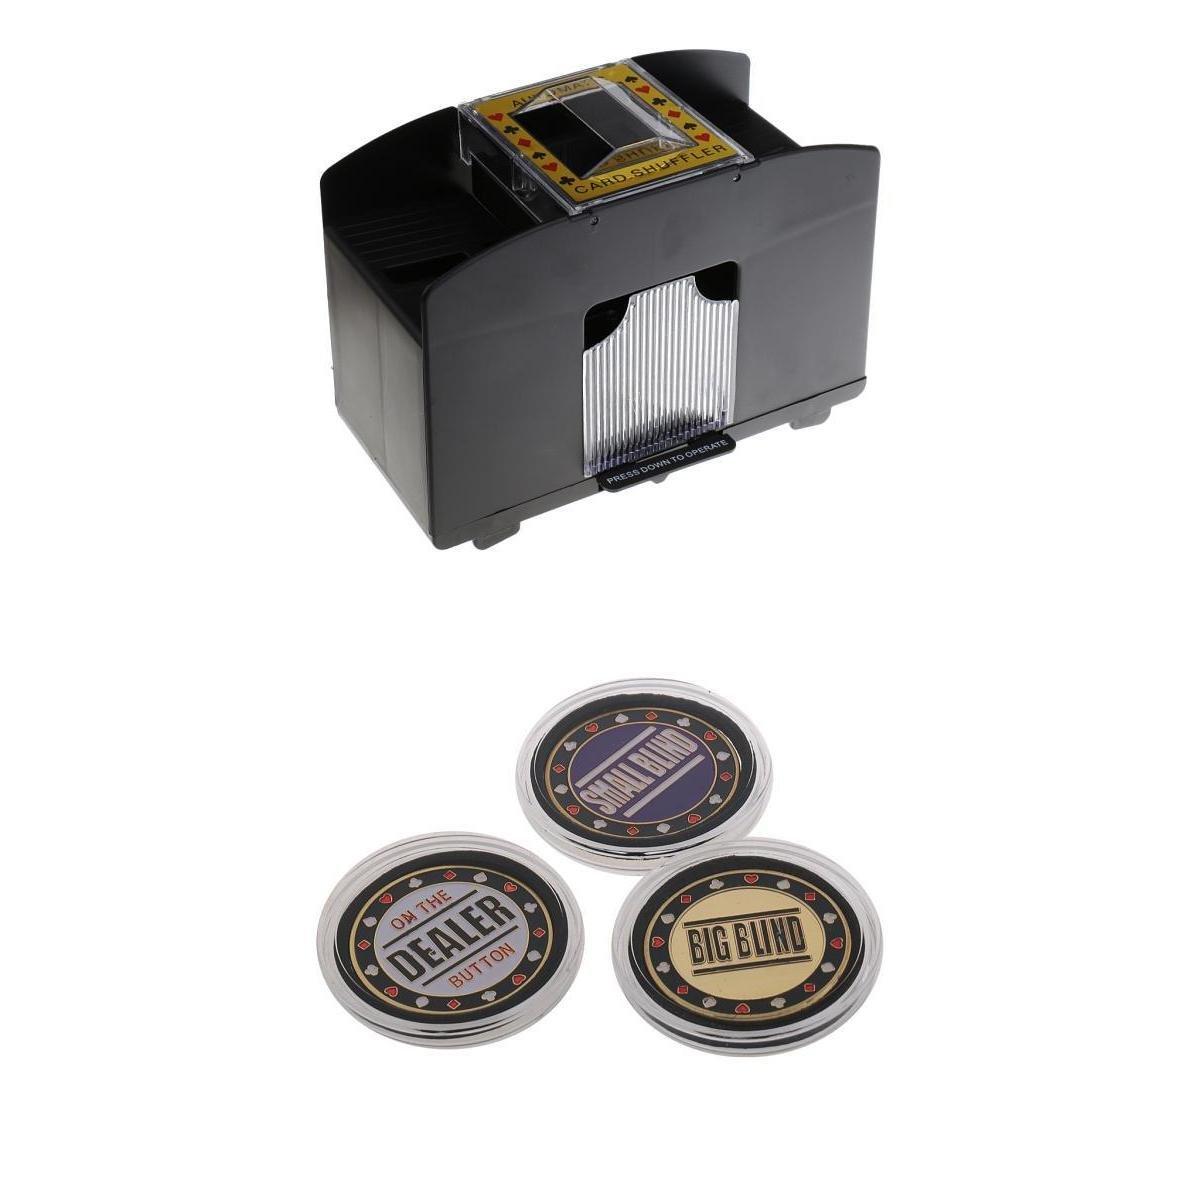 MagiDeal 1-4 Decks Elektrische Kartenmischmaschine, Automatisches Kartenmischgerät +3er-Set Hochwertig Poker Button, Dealer/ Big Blind / Small Blind